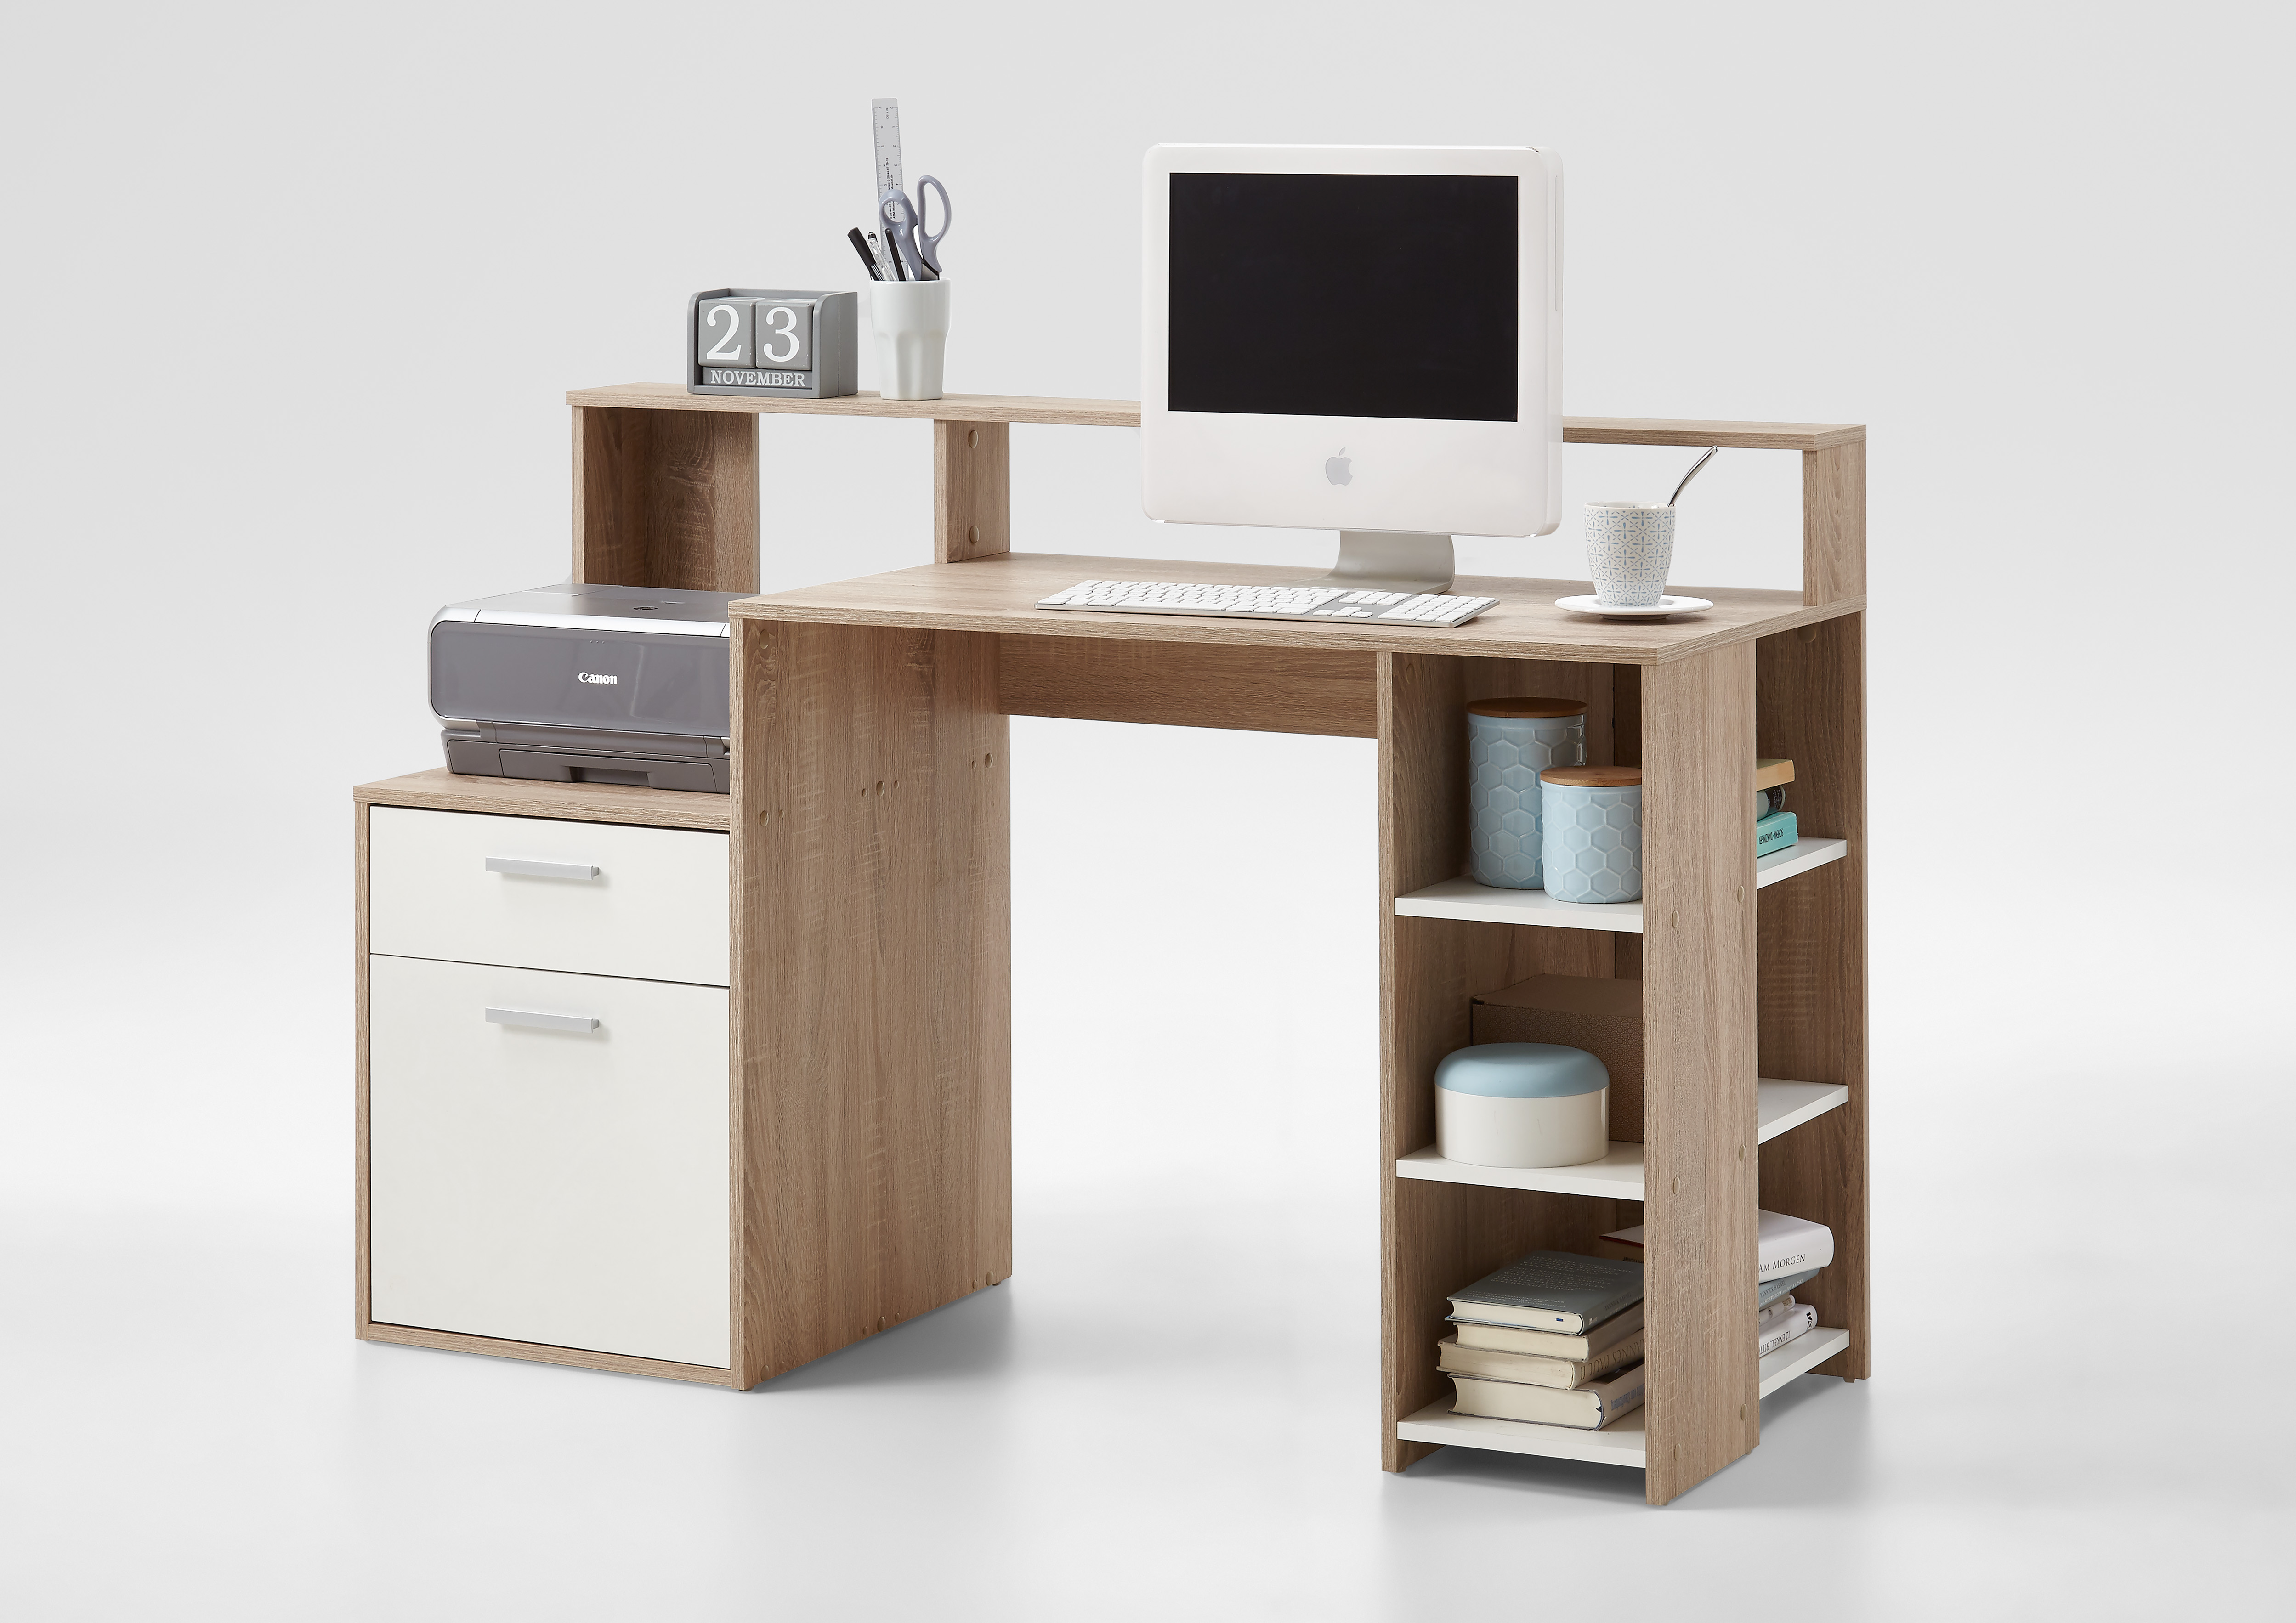 schreibtisch arbeitstisch computertisch kinderschreibtisch tisch b ro ebay. Black Bedroom Furniture Sets. Home Design Ideas